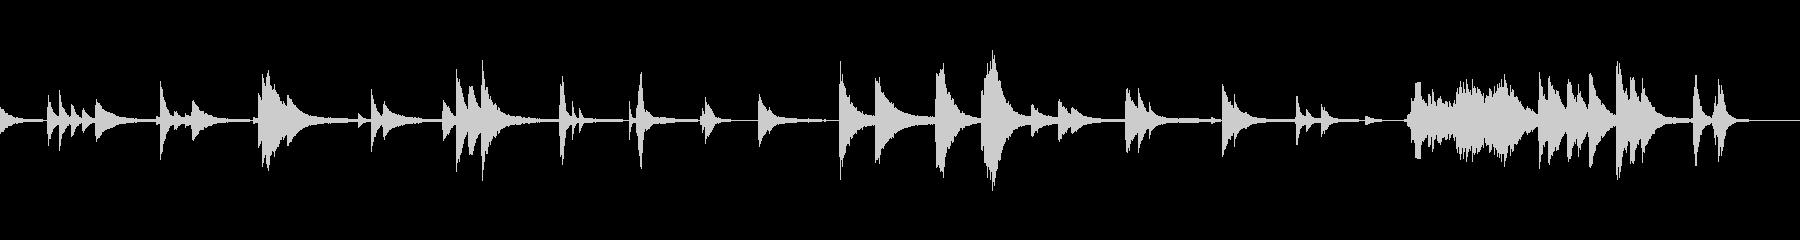 アンビエント風ピアノの未再生の波形